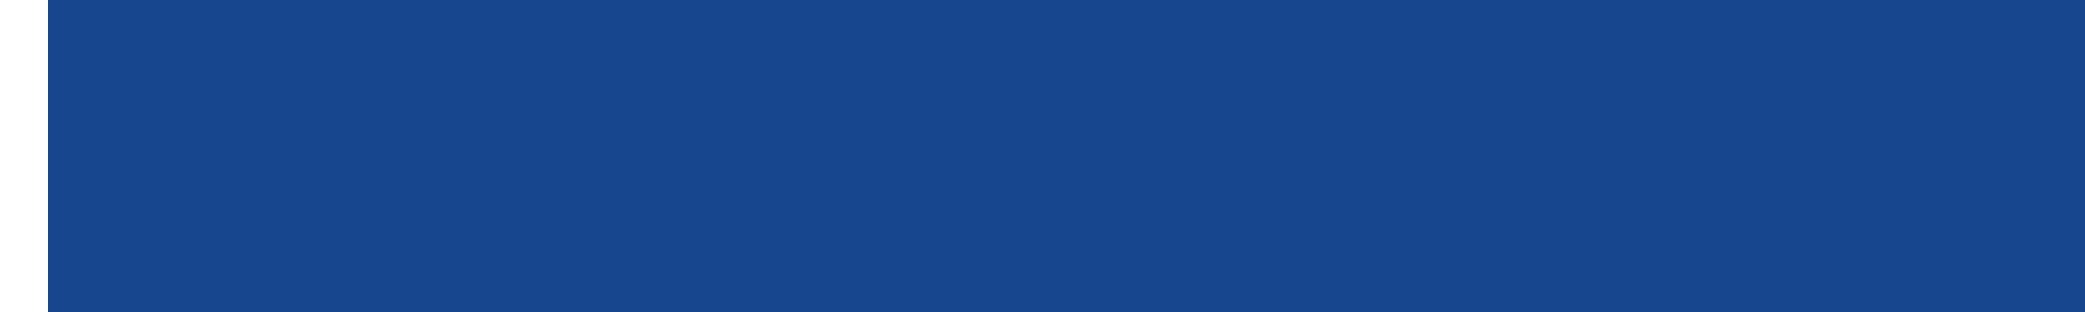 shawthingsolutions-Epson-logo